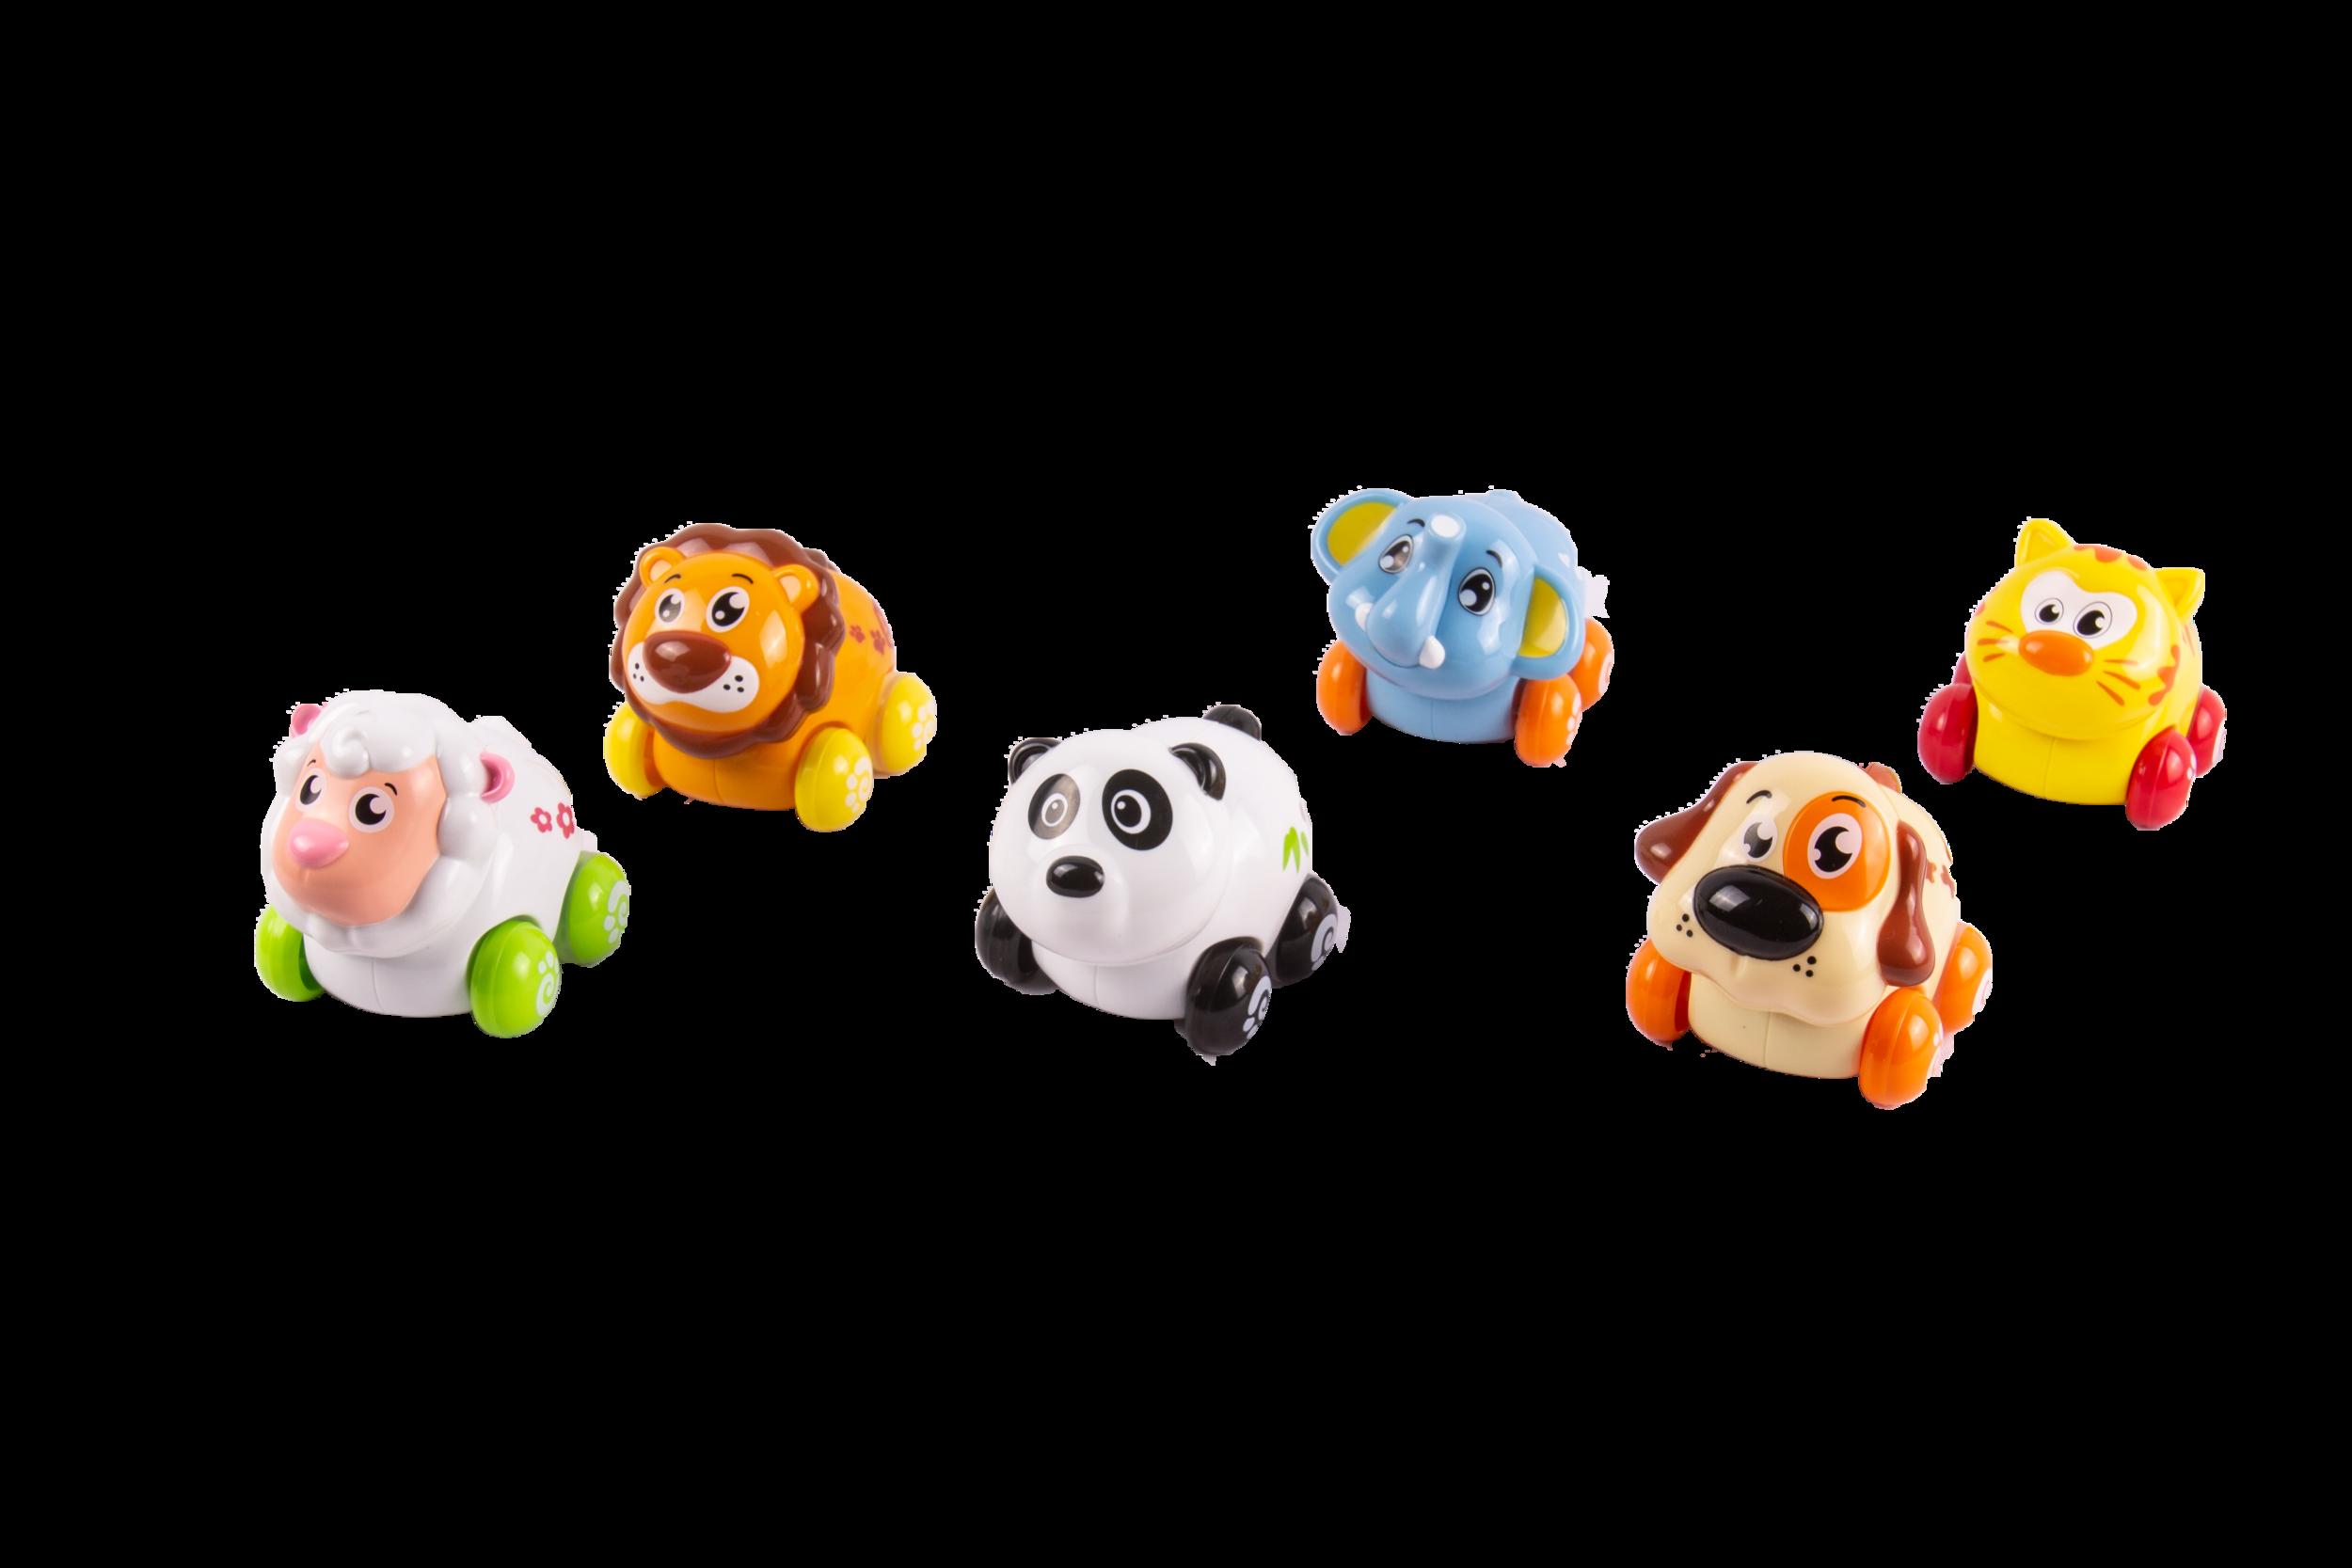 Juguetes de fricción Adorables Animales de Granja - Código: 376